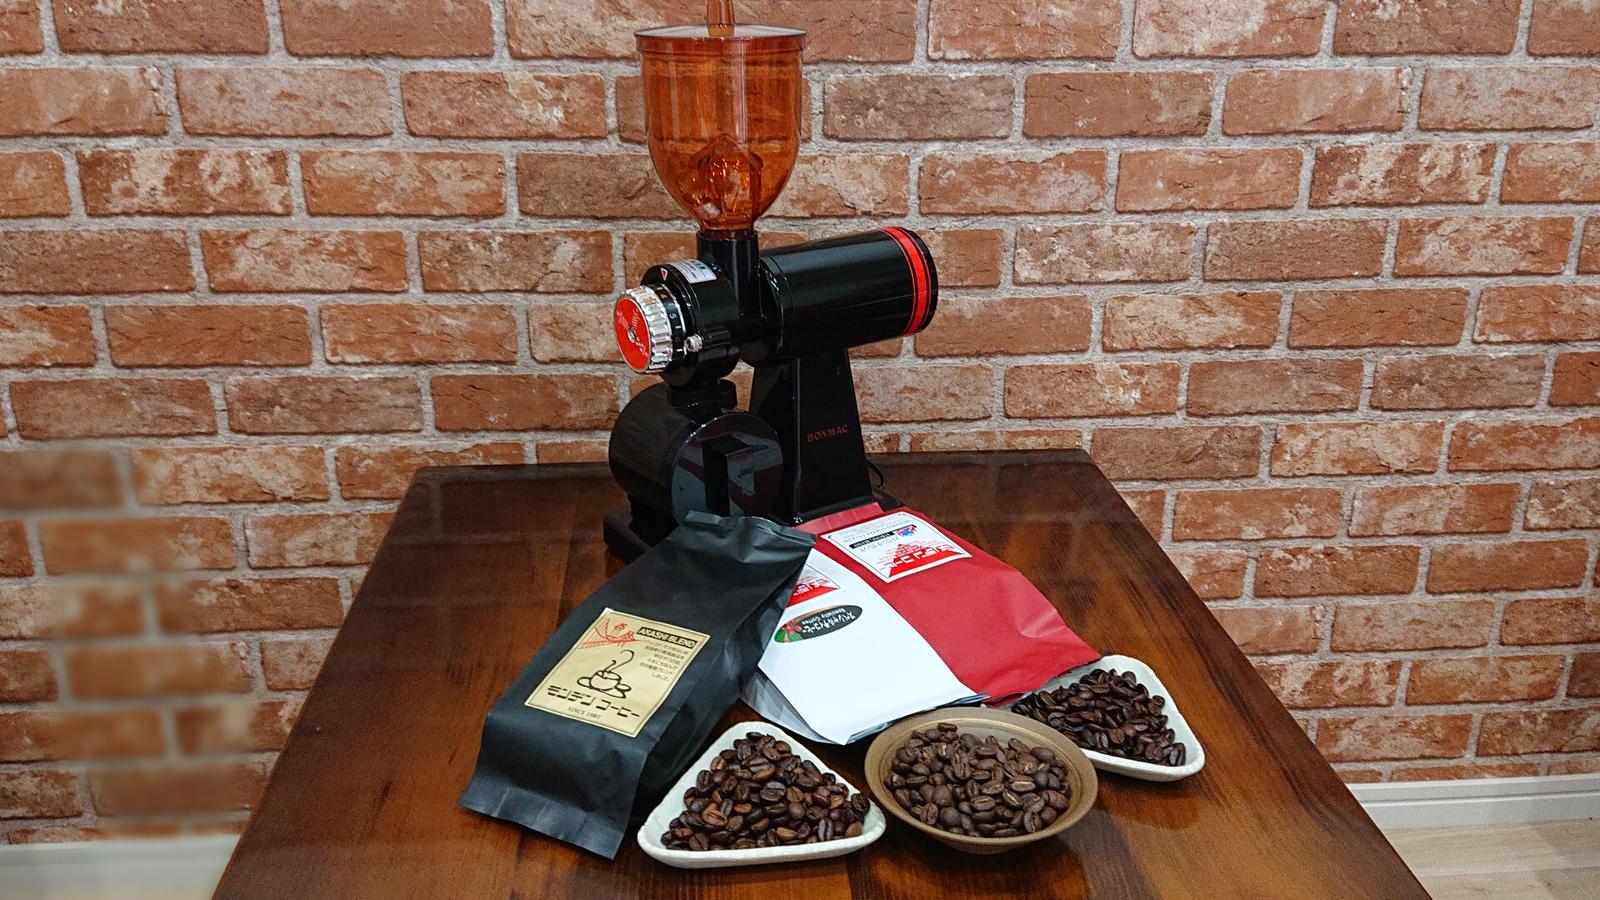 大人気のボンマックM-250N ブラック で モンデンコーヒーのおすすめコーヒーを挽いてお召あがりください 上質 自慢のコーヒー200g×3種類 スピード対応 全国送料無料 ¥2420 のプレゼントです ボンマックミル BM-250N ※数量限定販売です ミル おすすめコーヒー200g×3点のプレゼントセット 送料無料 モンデンコーヒー コーヒー豆 BONMAC ¥2420分